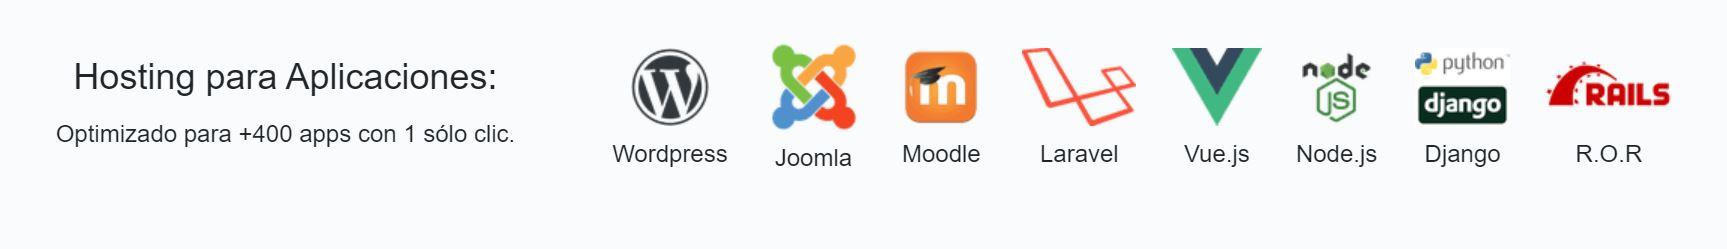 Los hosting Venezuela incorporan diferentes aplicaciones para sus usuarios.